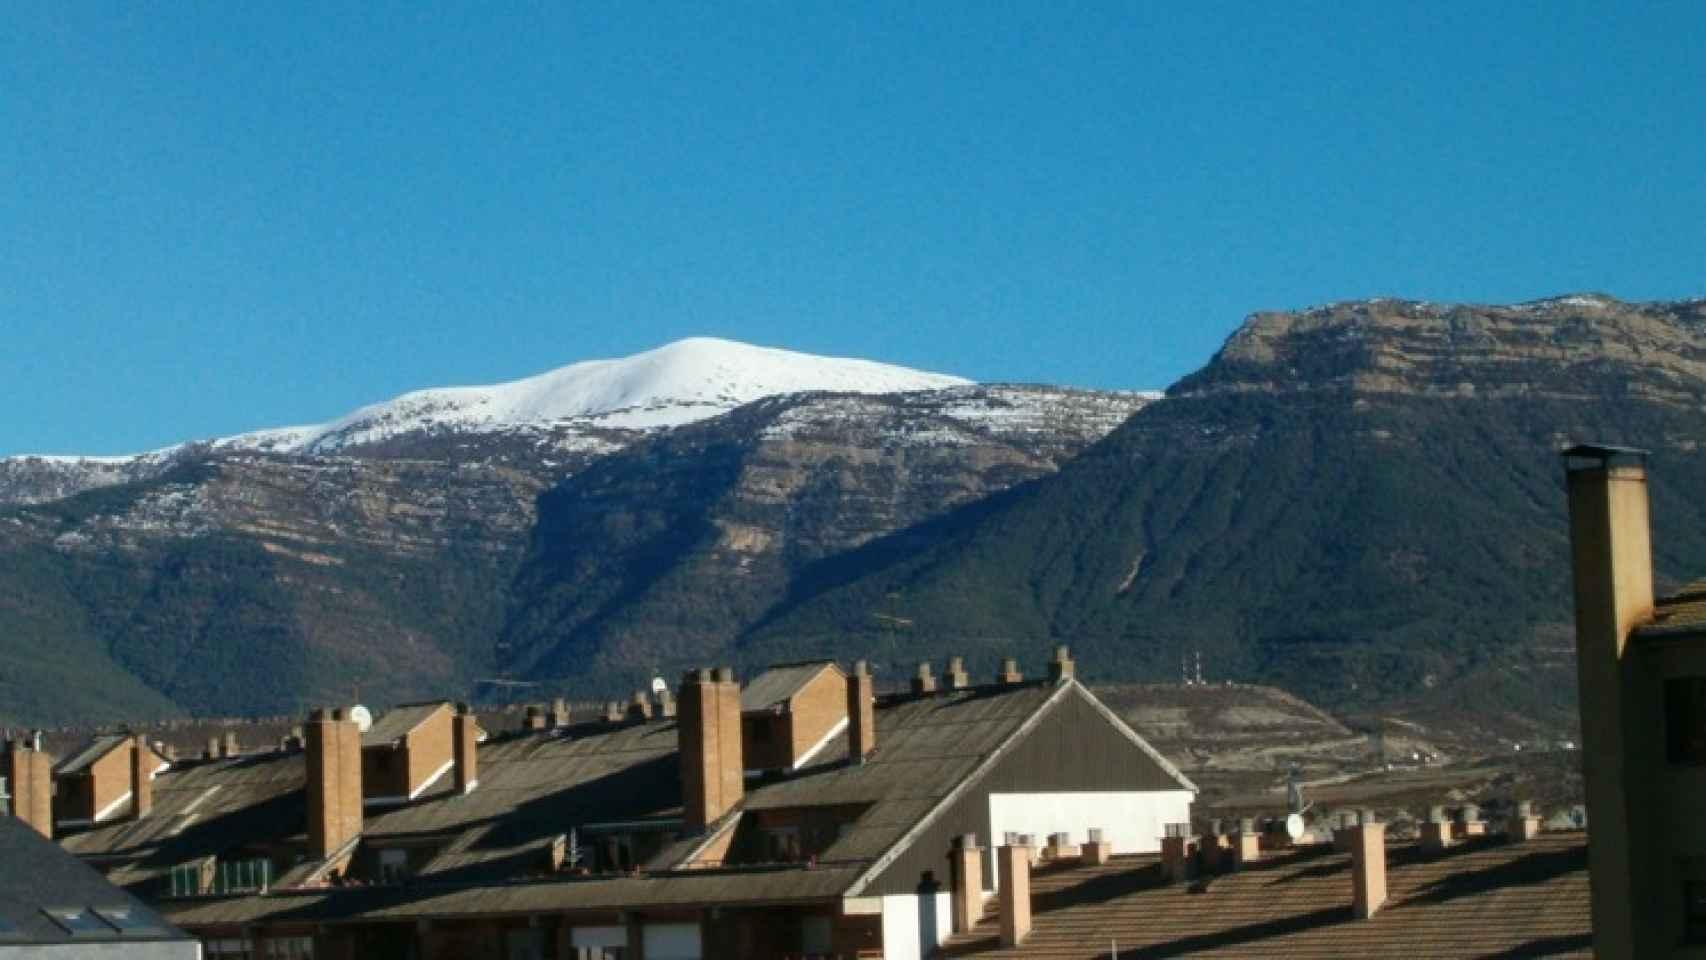 Imagen de algunos tejados de la localidad, al pie de los Pirineos.